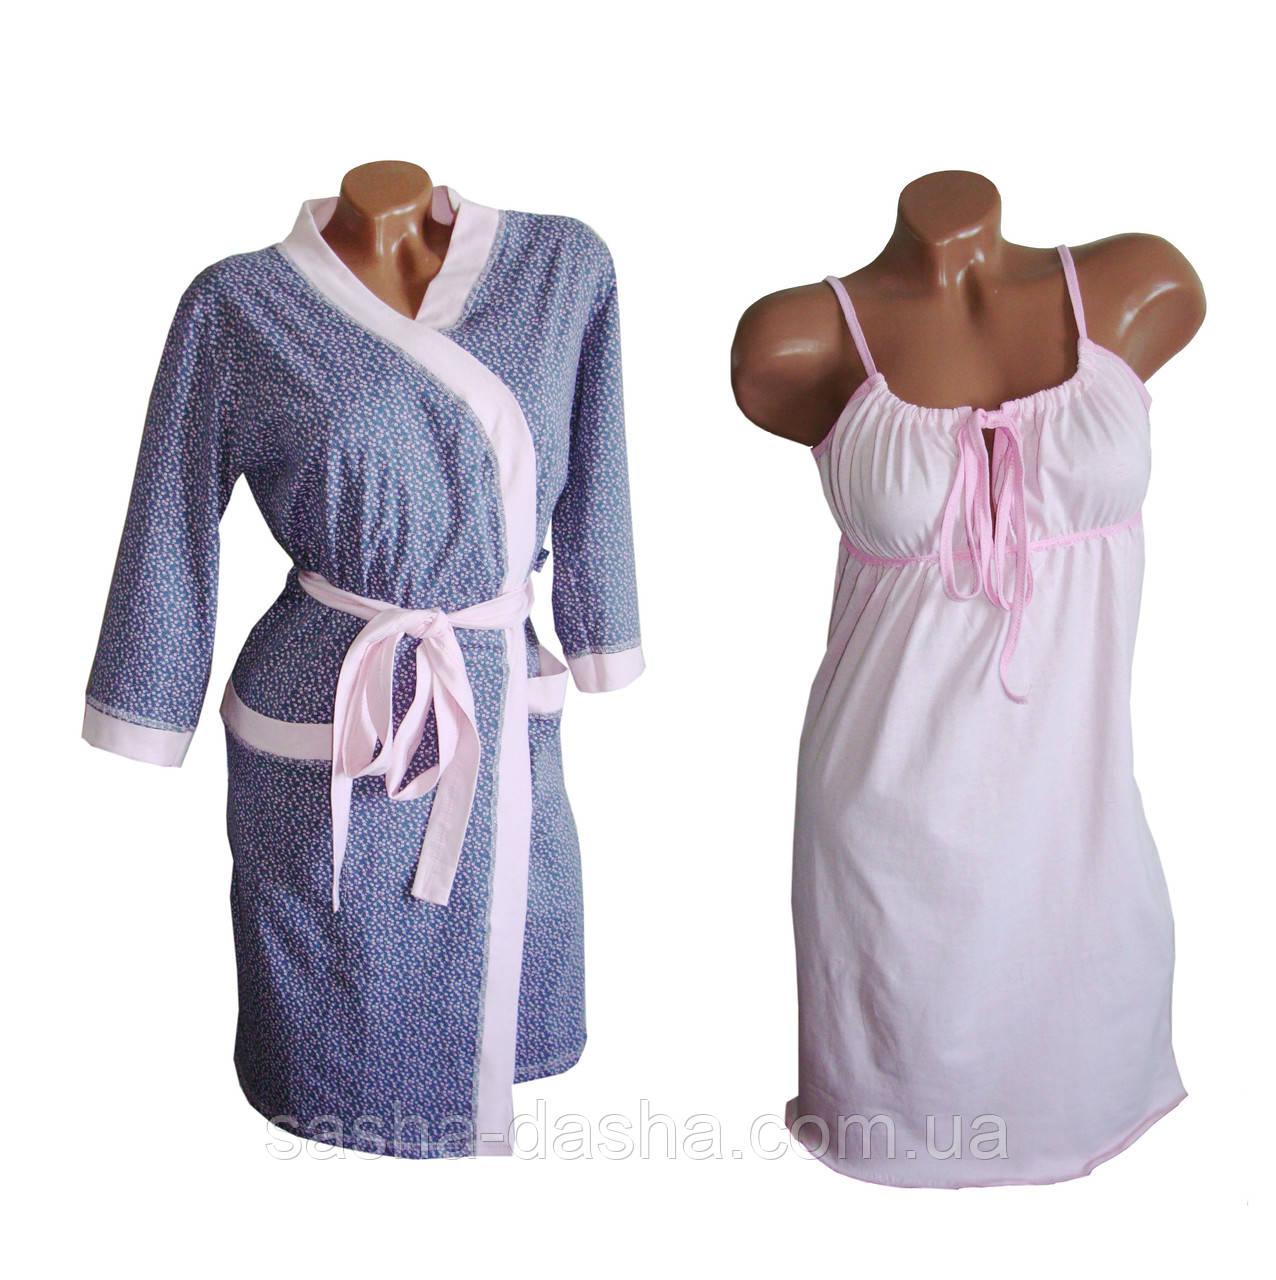 Халат в роддом с ночной сорочкой, комплект для кормящей мамы. - Саша и Даша 04fb0f6b203